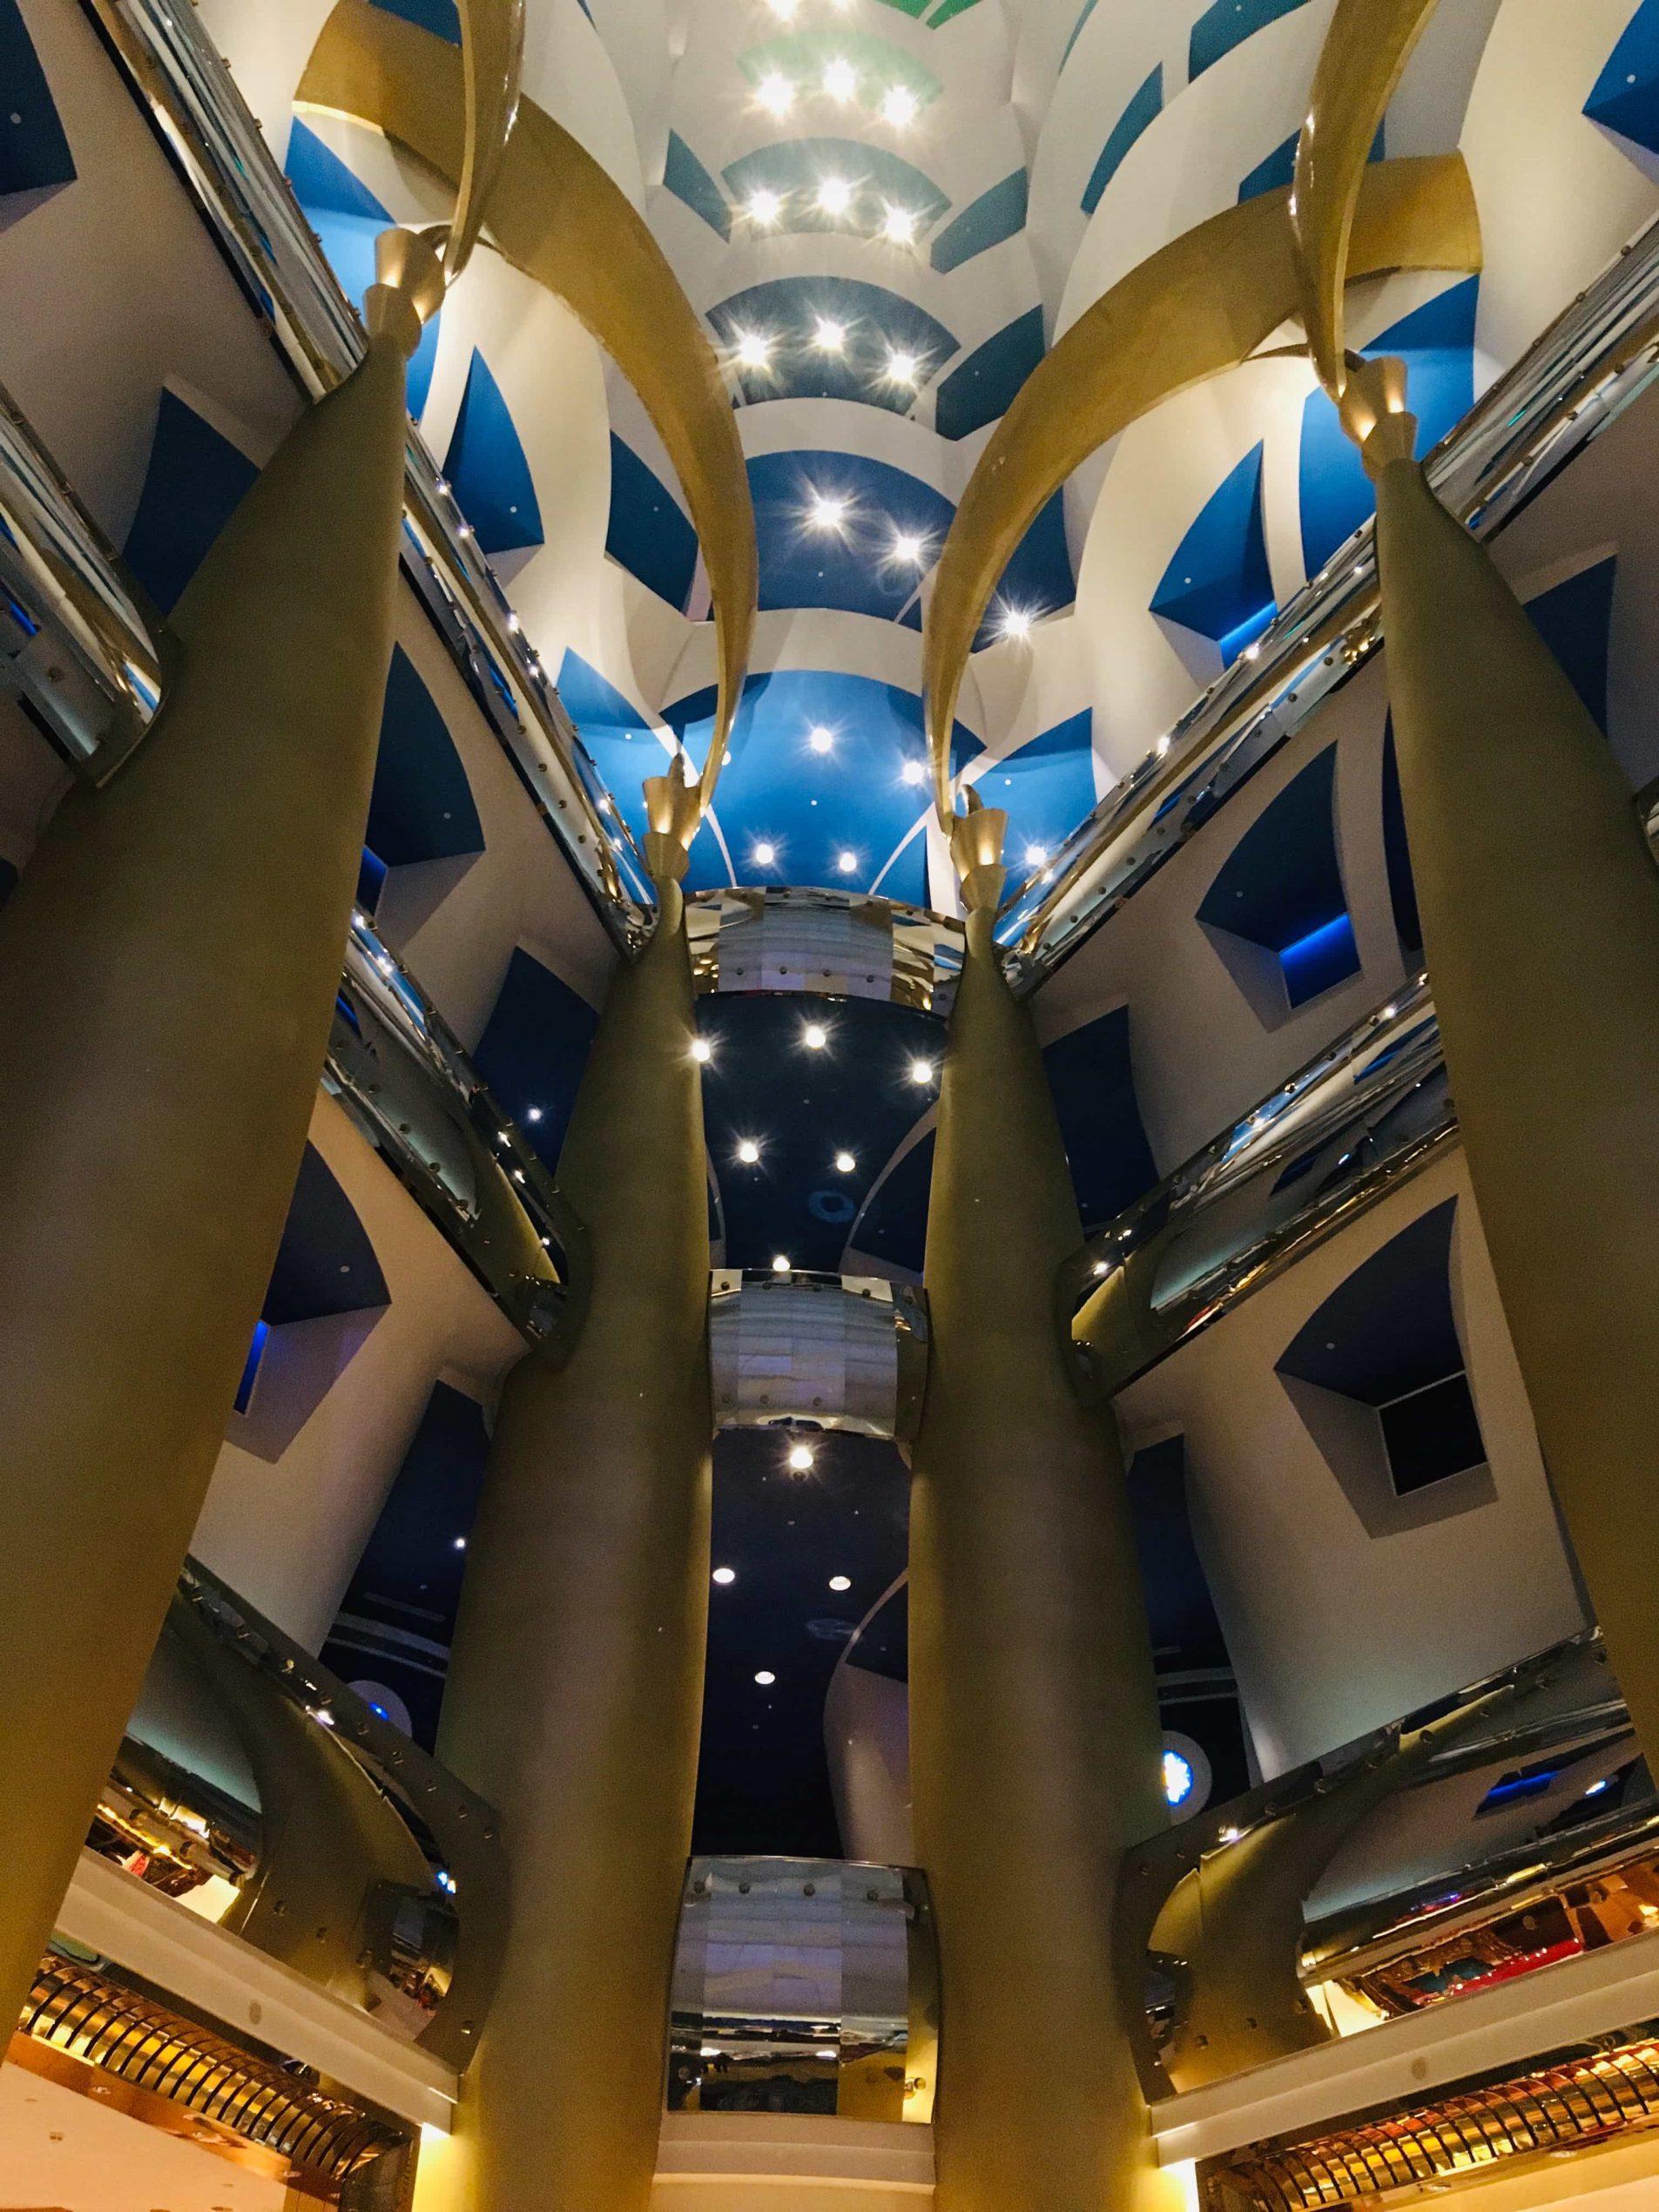 IMG E0636 - 10.-12. Januar 2019 - 24hseries.com - 24h Dubai / VAE